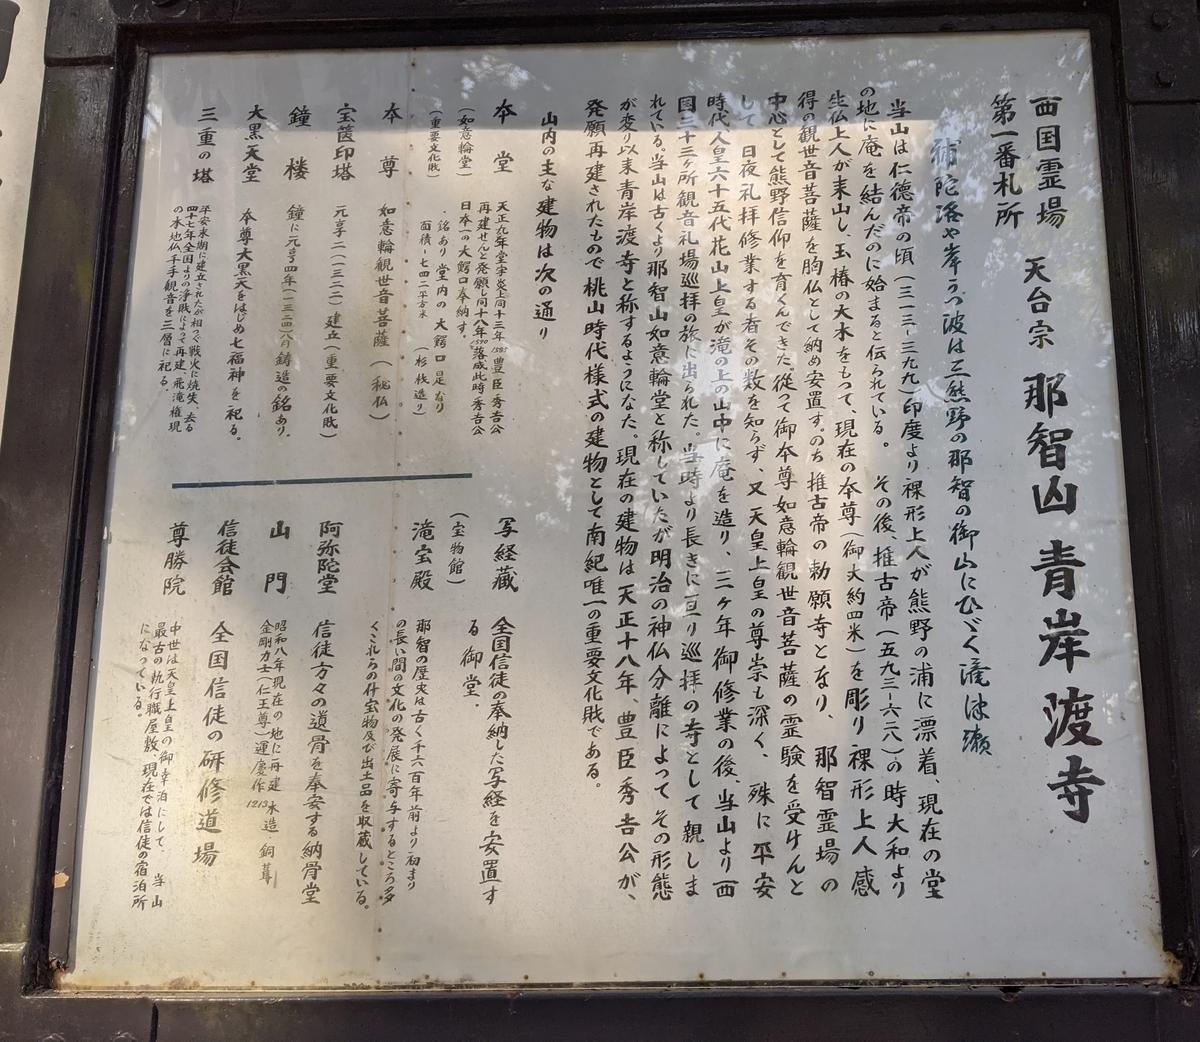 f:id:nanbo-takayama:20210404091217j:plain